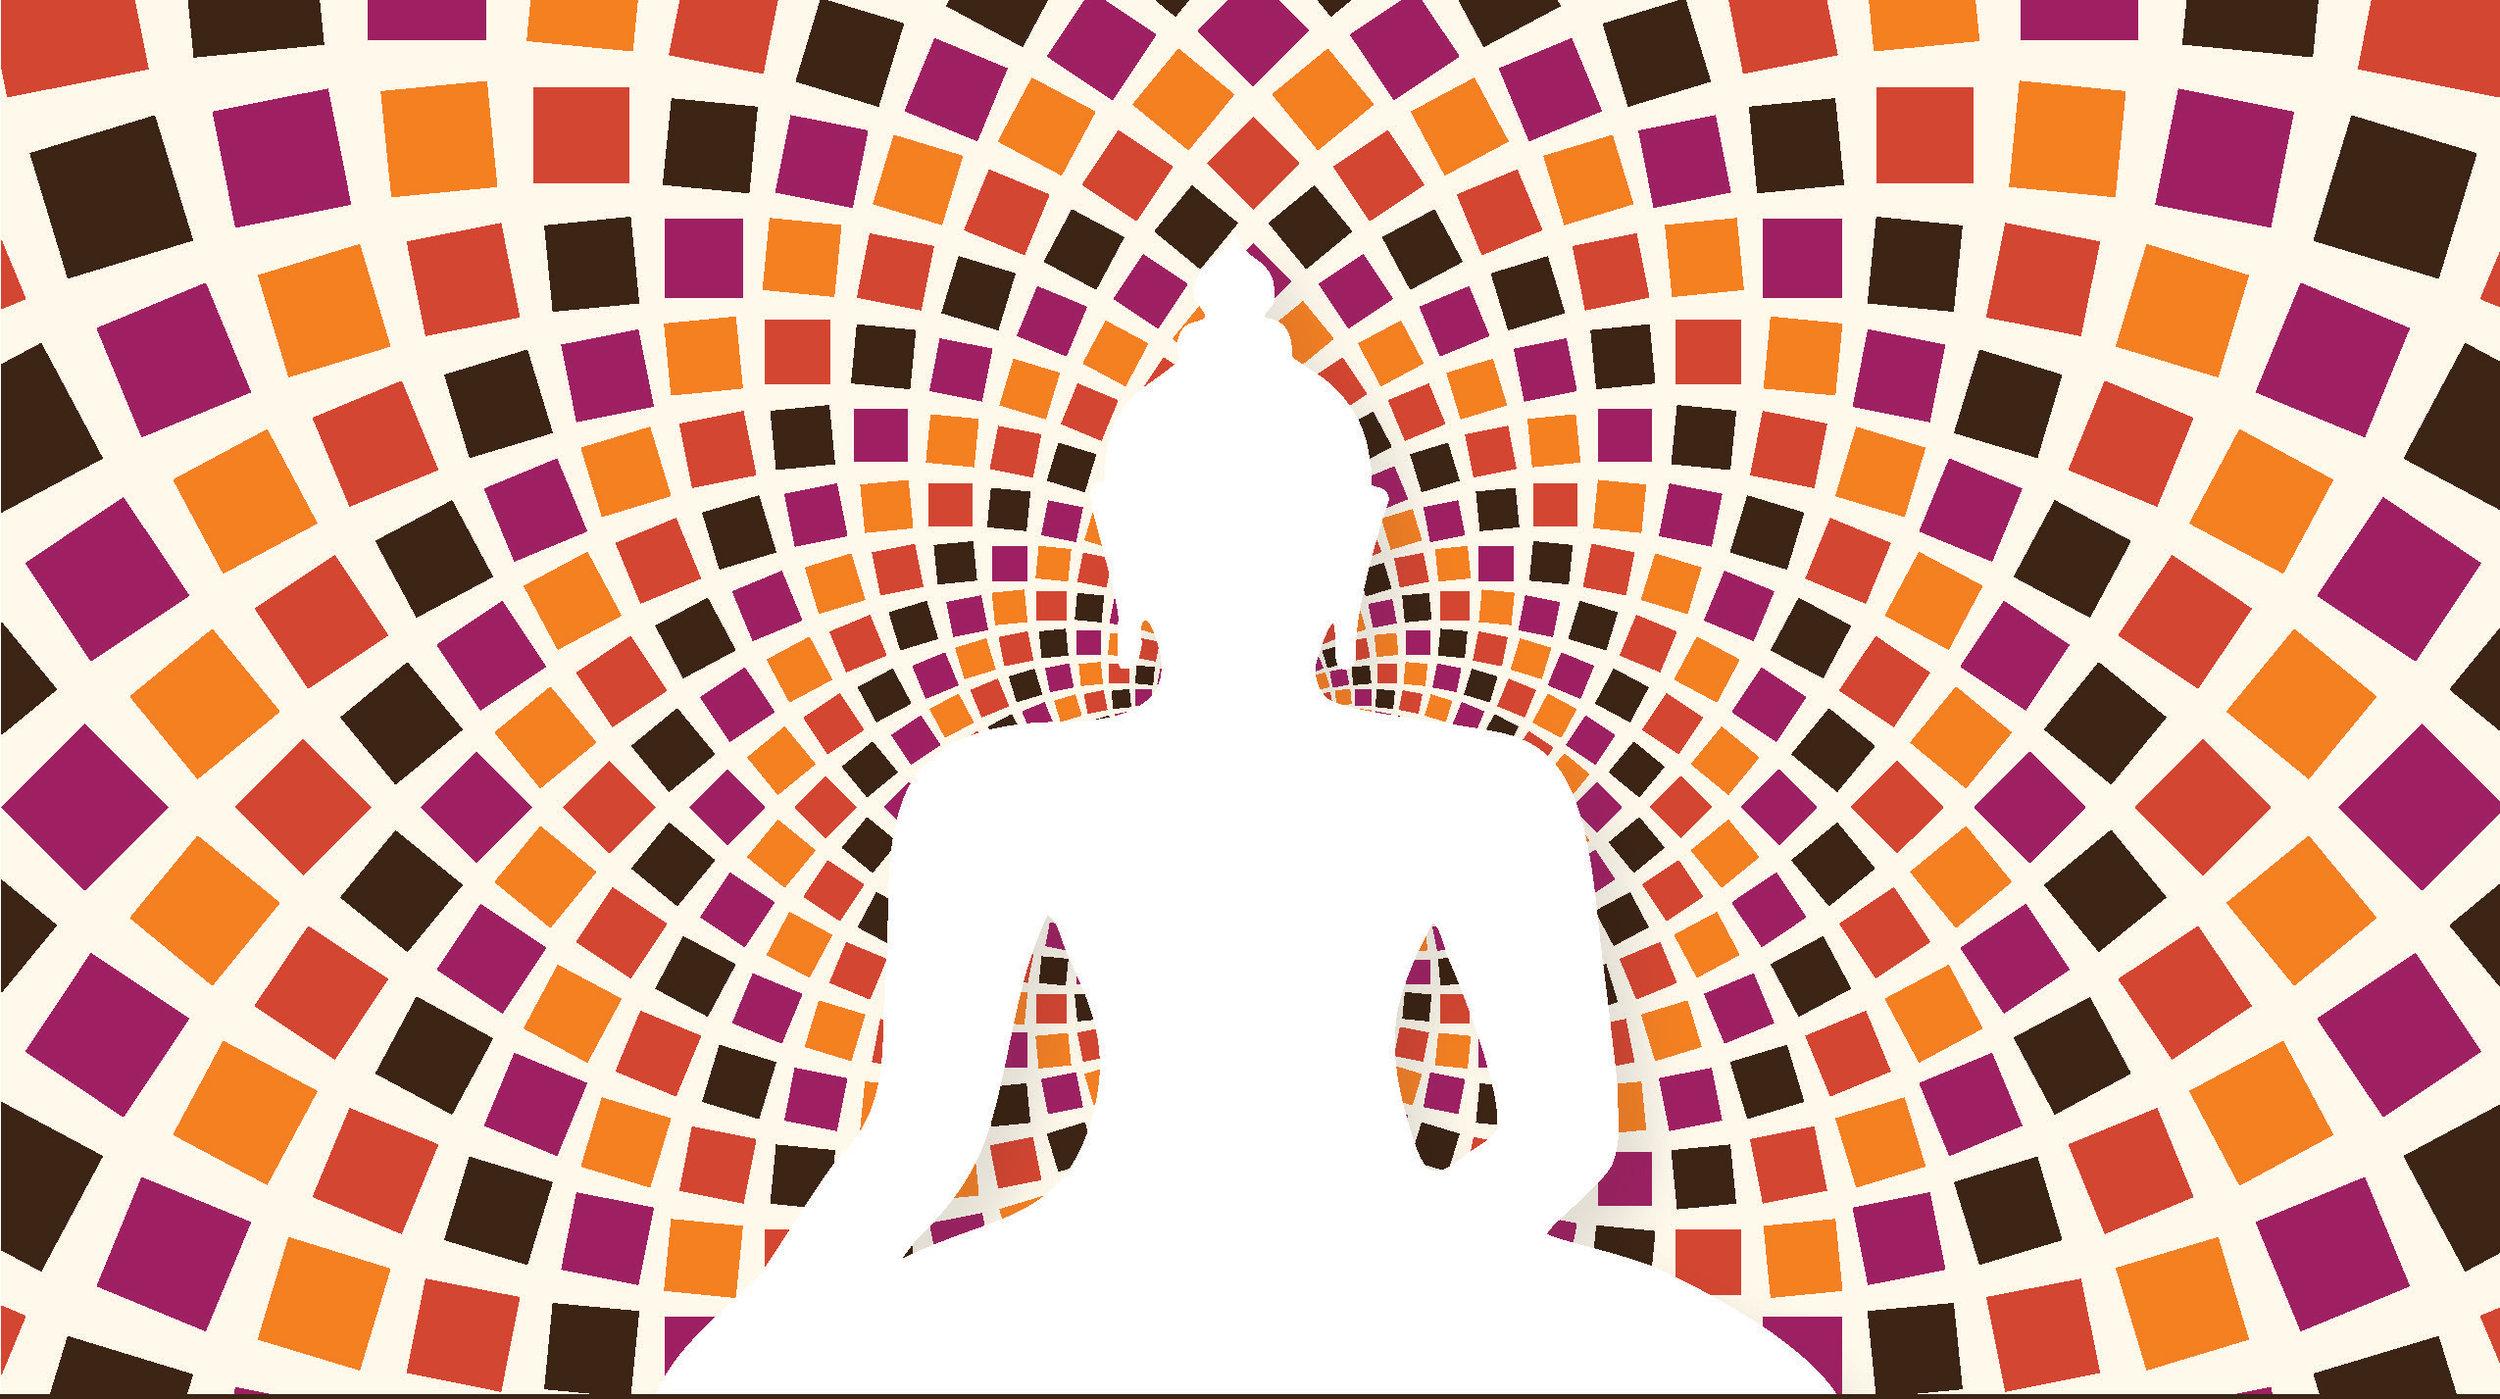 Buddha B Yoga Studio (USA, 2015-2016)